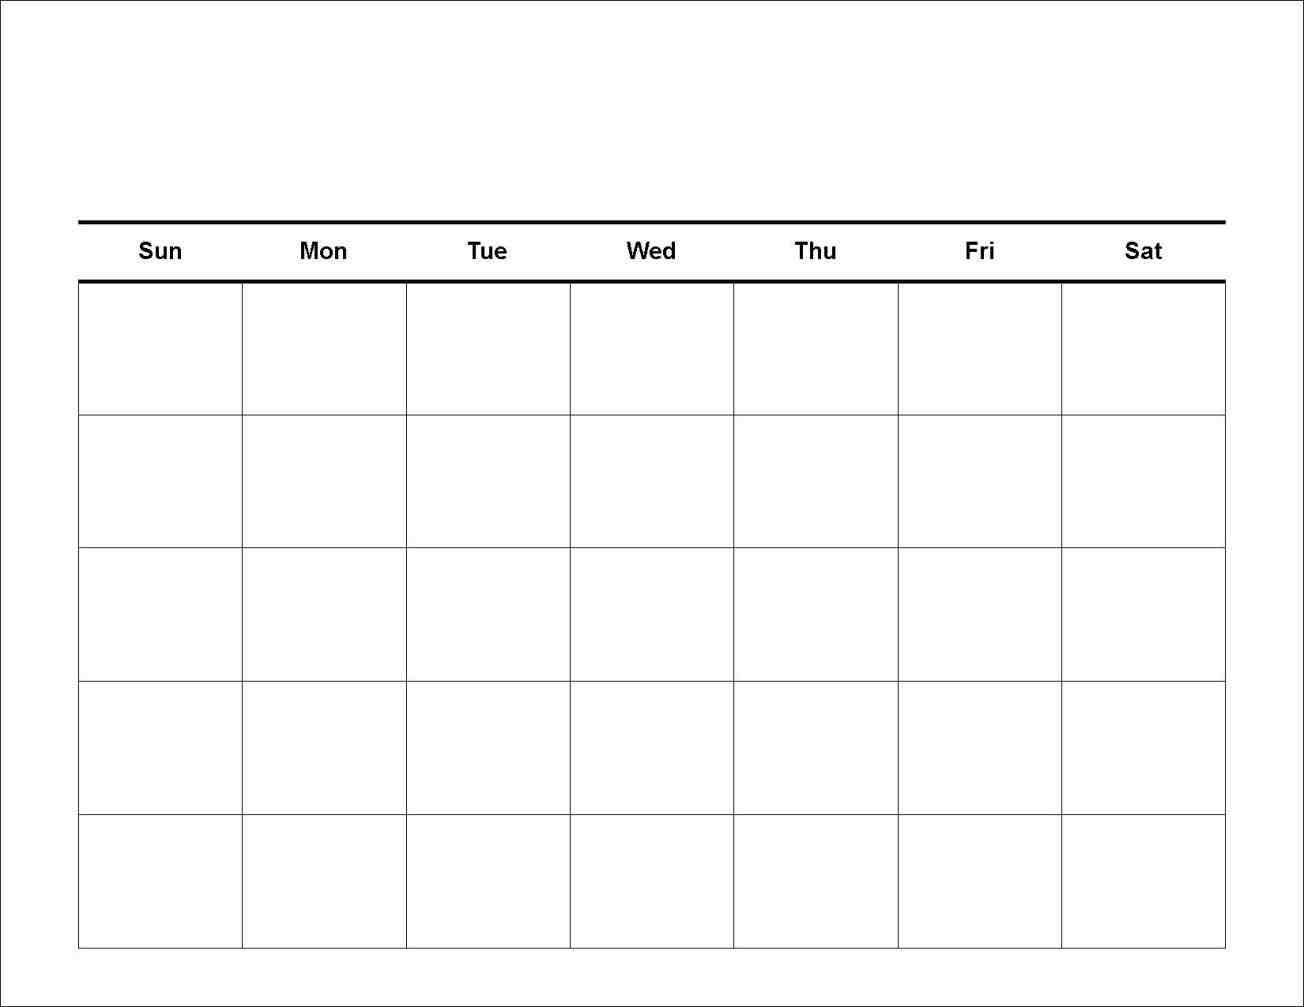 Day Calendar Template Clever Ideas Calendario Escolares Schedule with regard to 7 Day Week Calendar Template